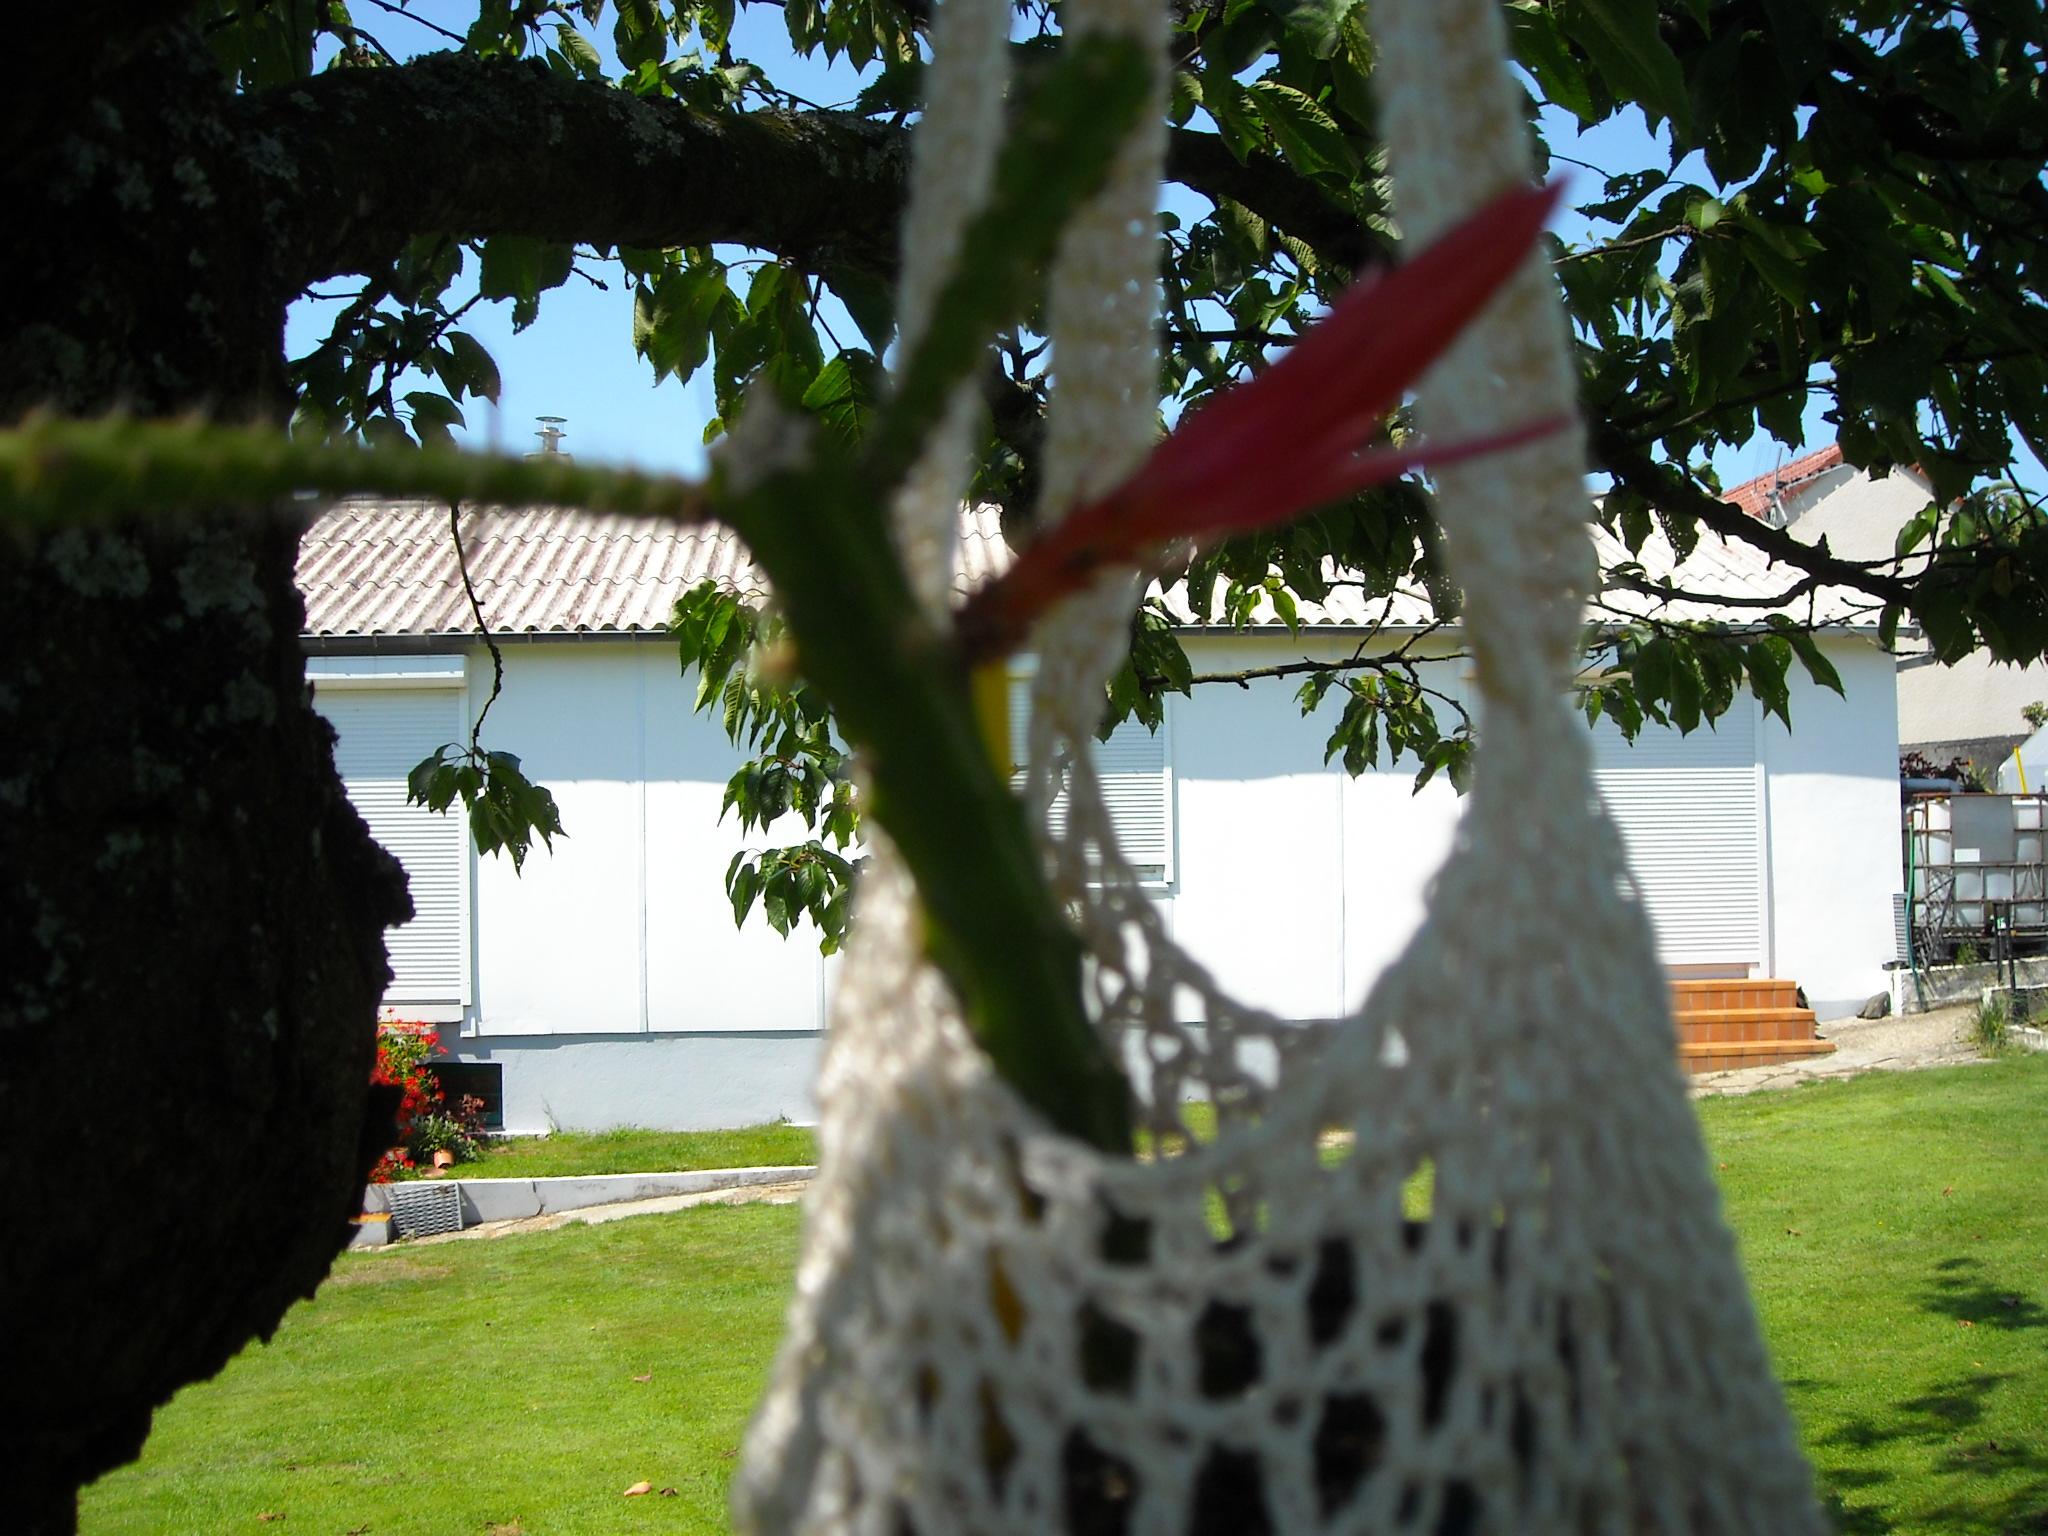 aporocactus beautg 602451potetaporoc006